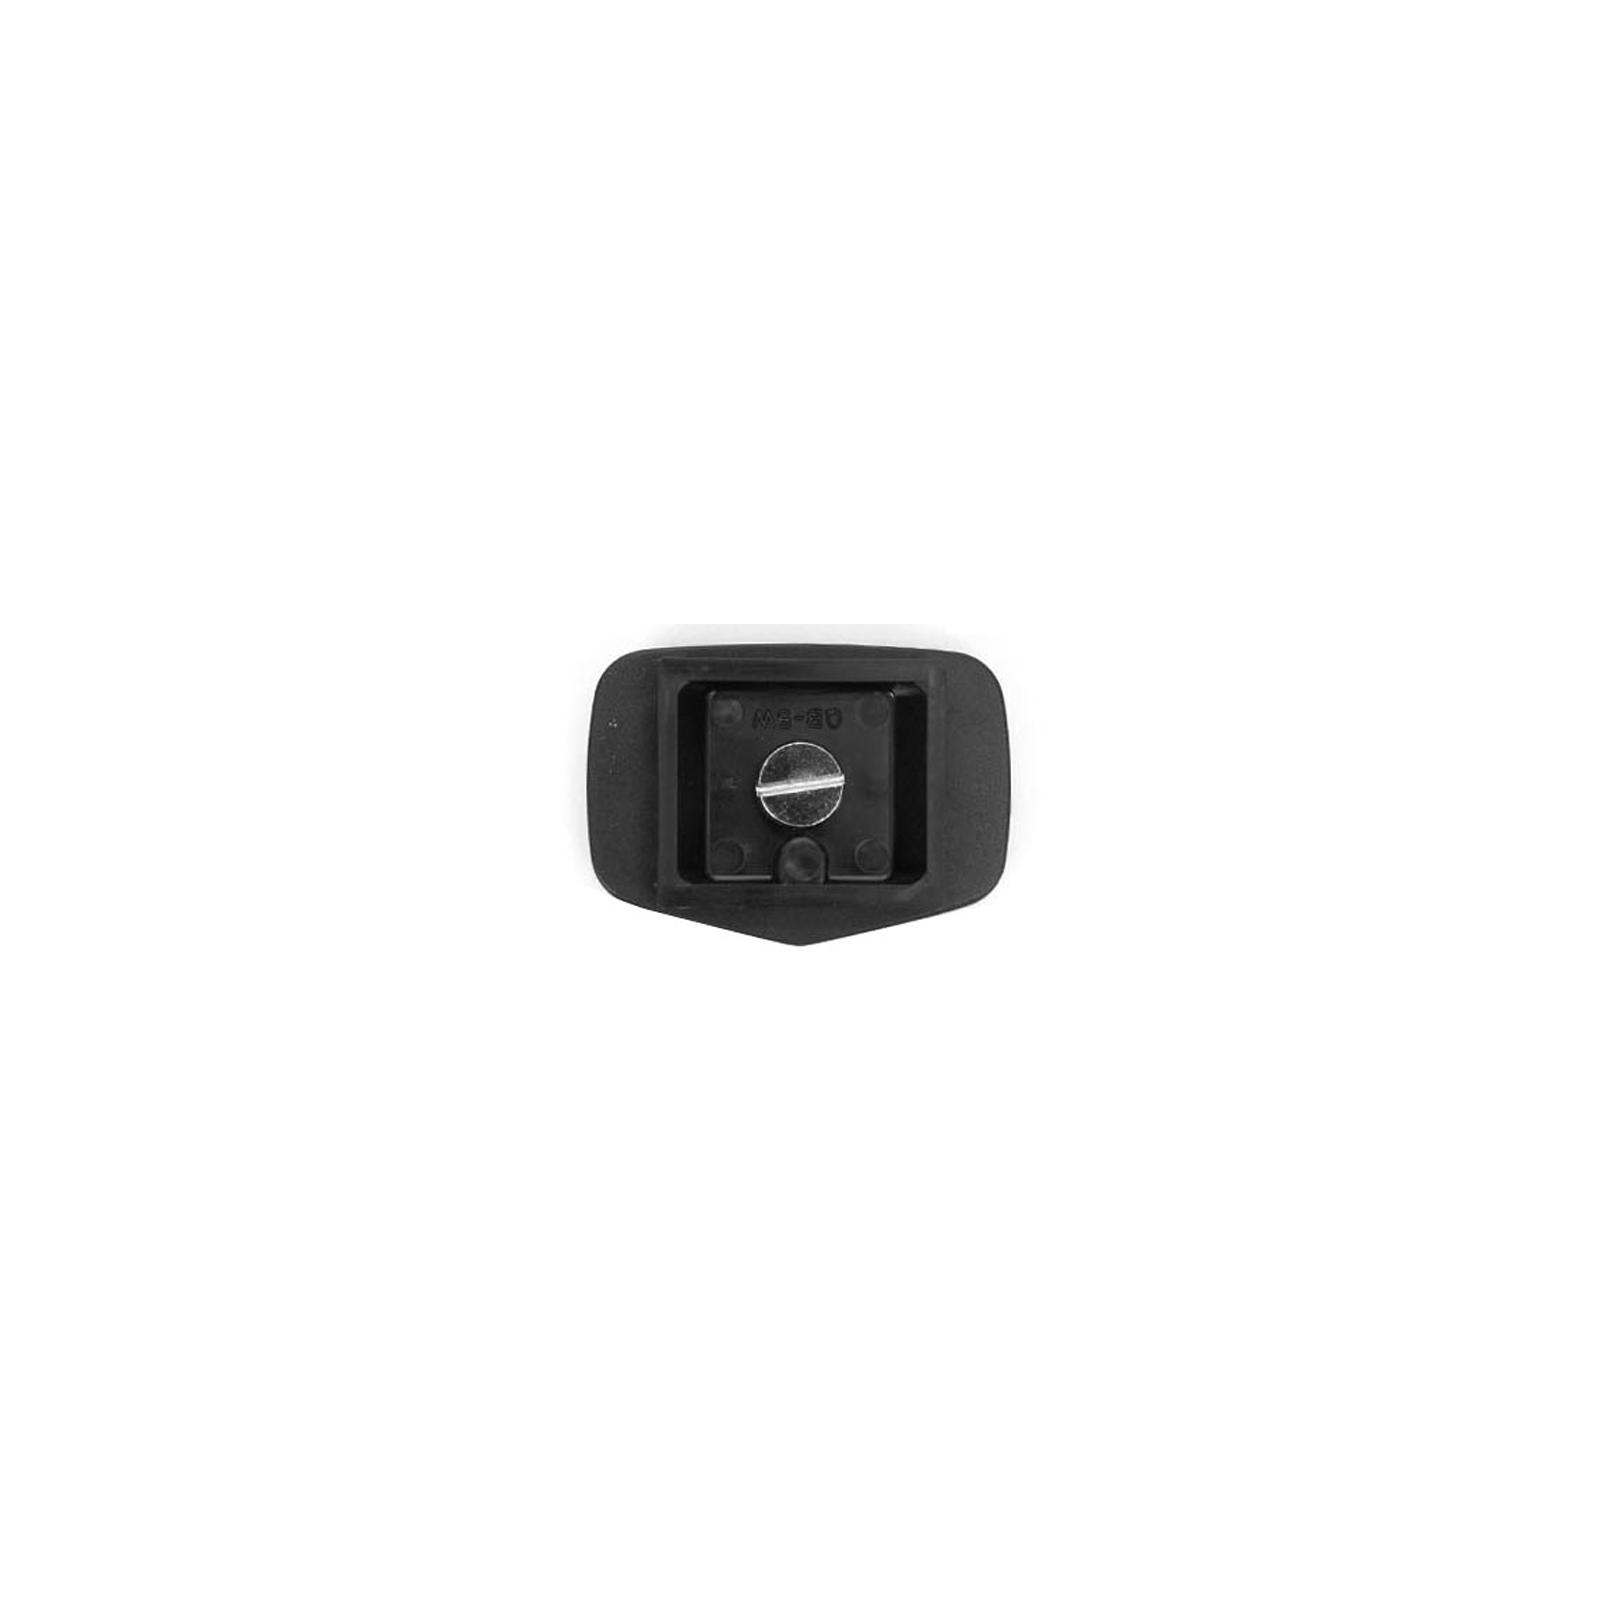 Площадка для штативной головы Velbon QB-5W изображение 5